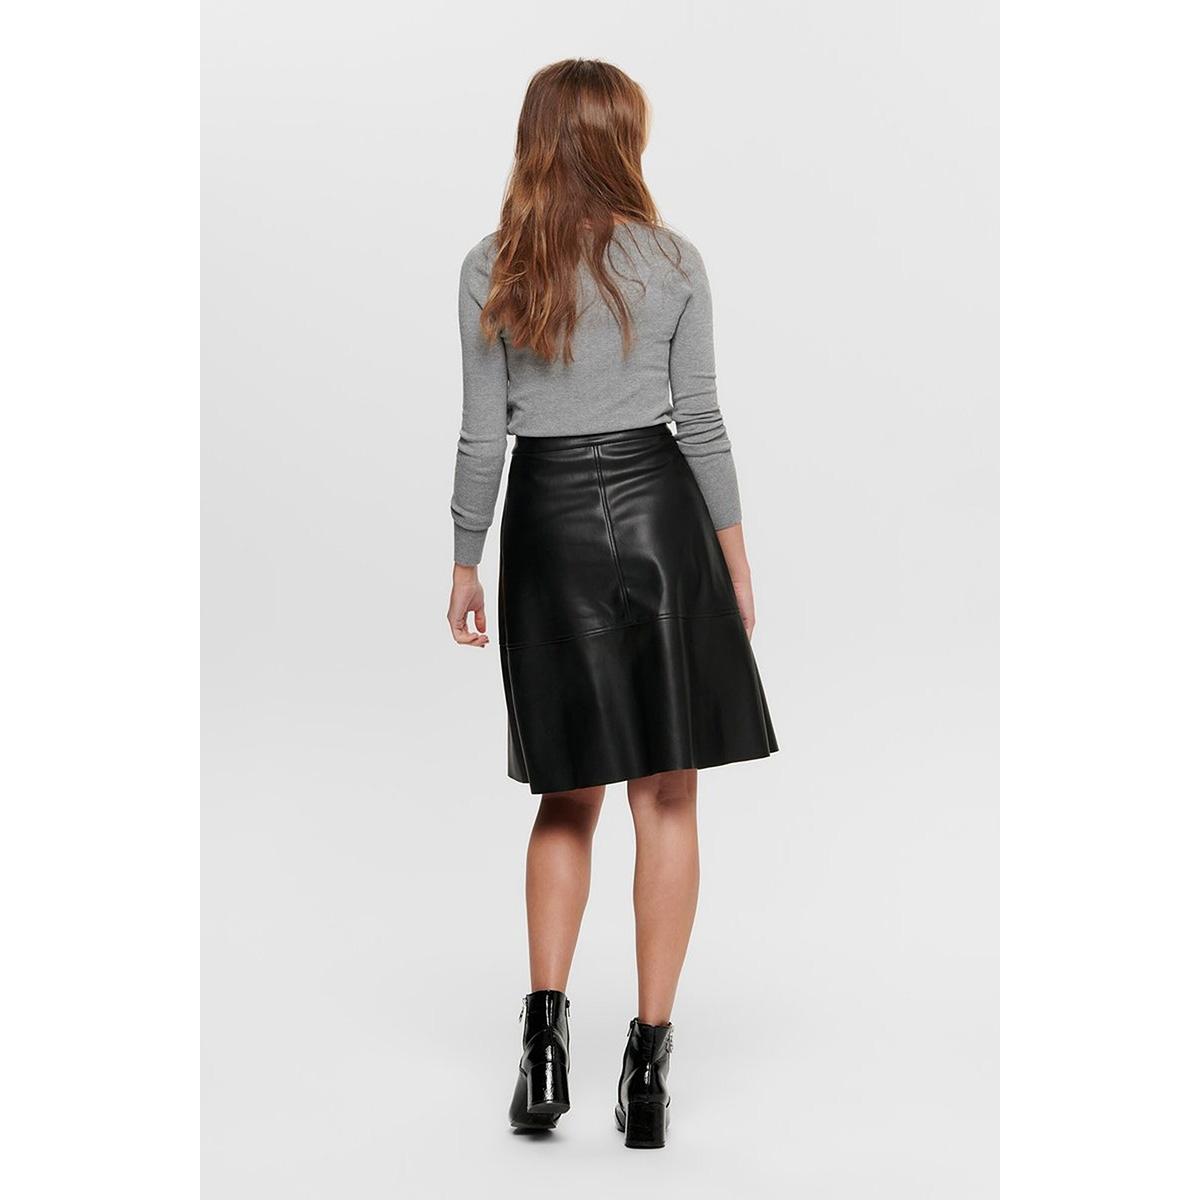 jdyhill button pu skirt denim otw s 15197305 jacqueline de yong rok black